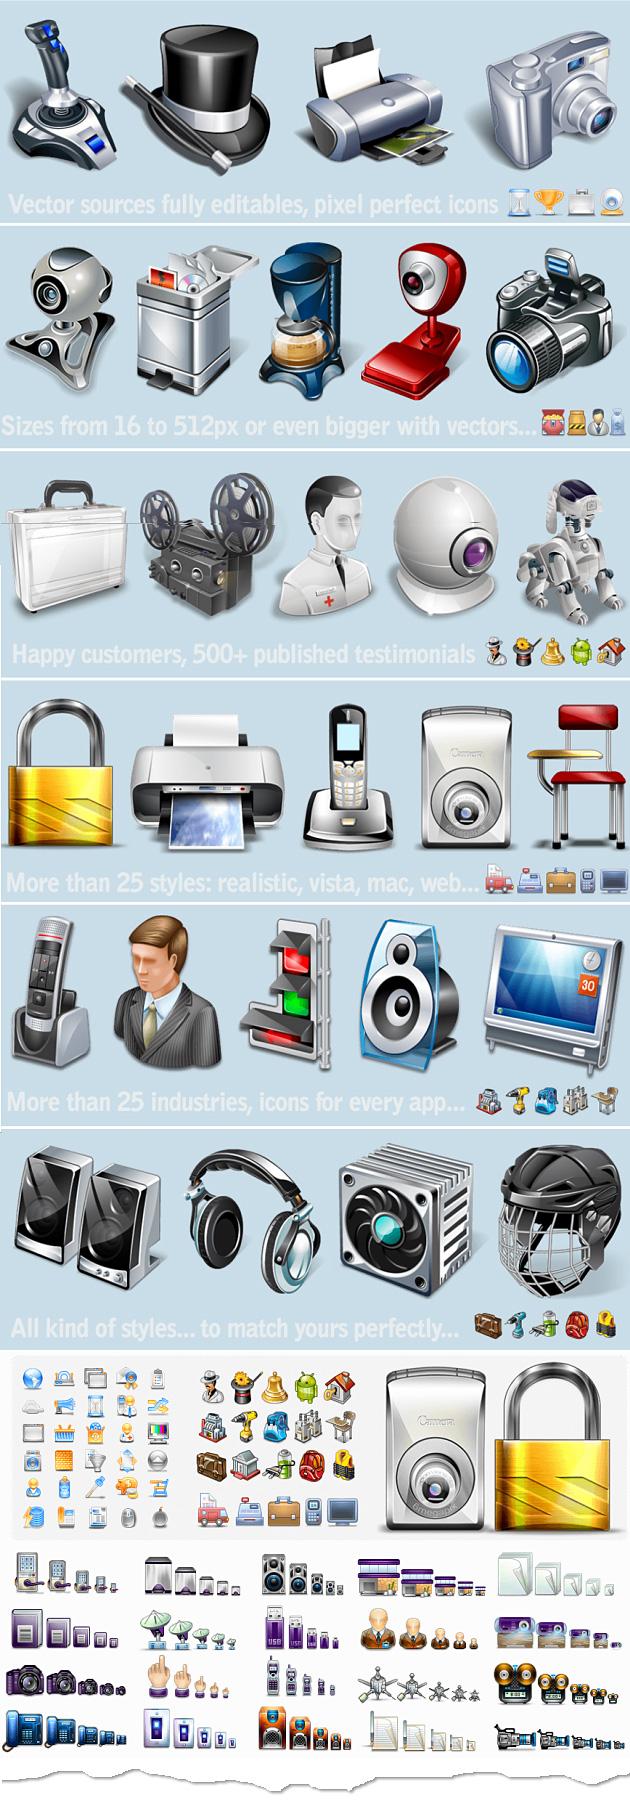 Eine kleine Auswahl der im Paket enthaltenen Icons